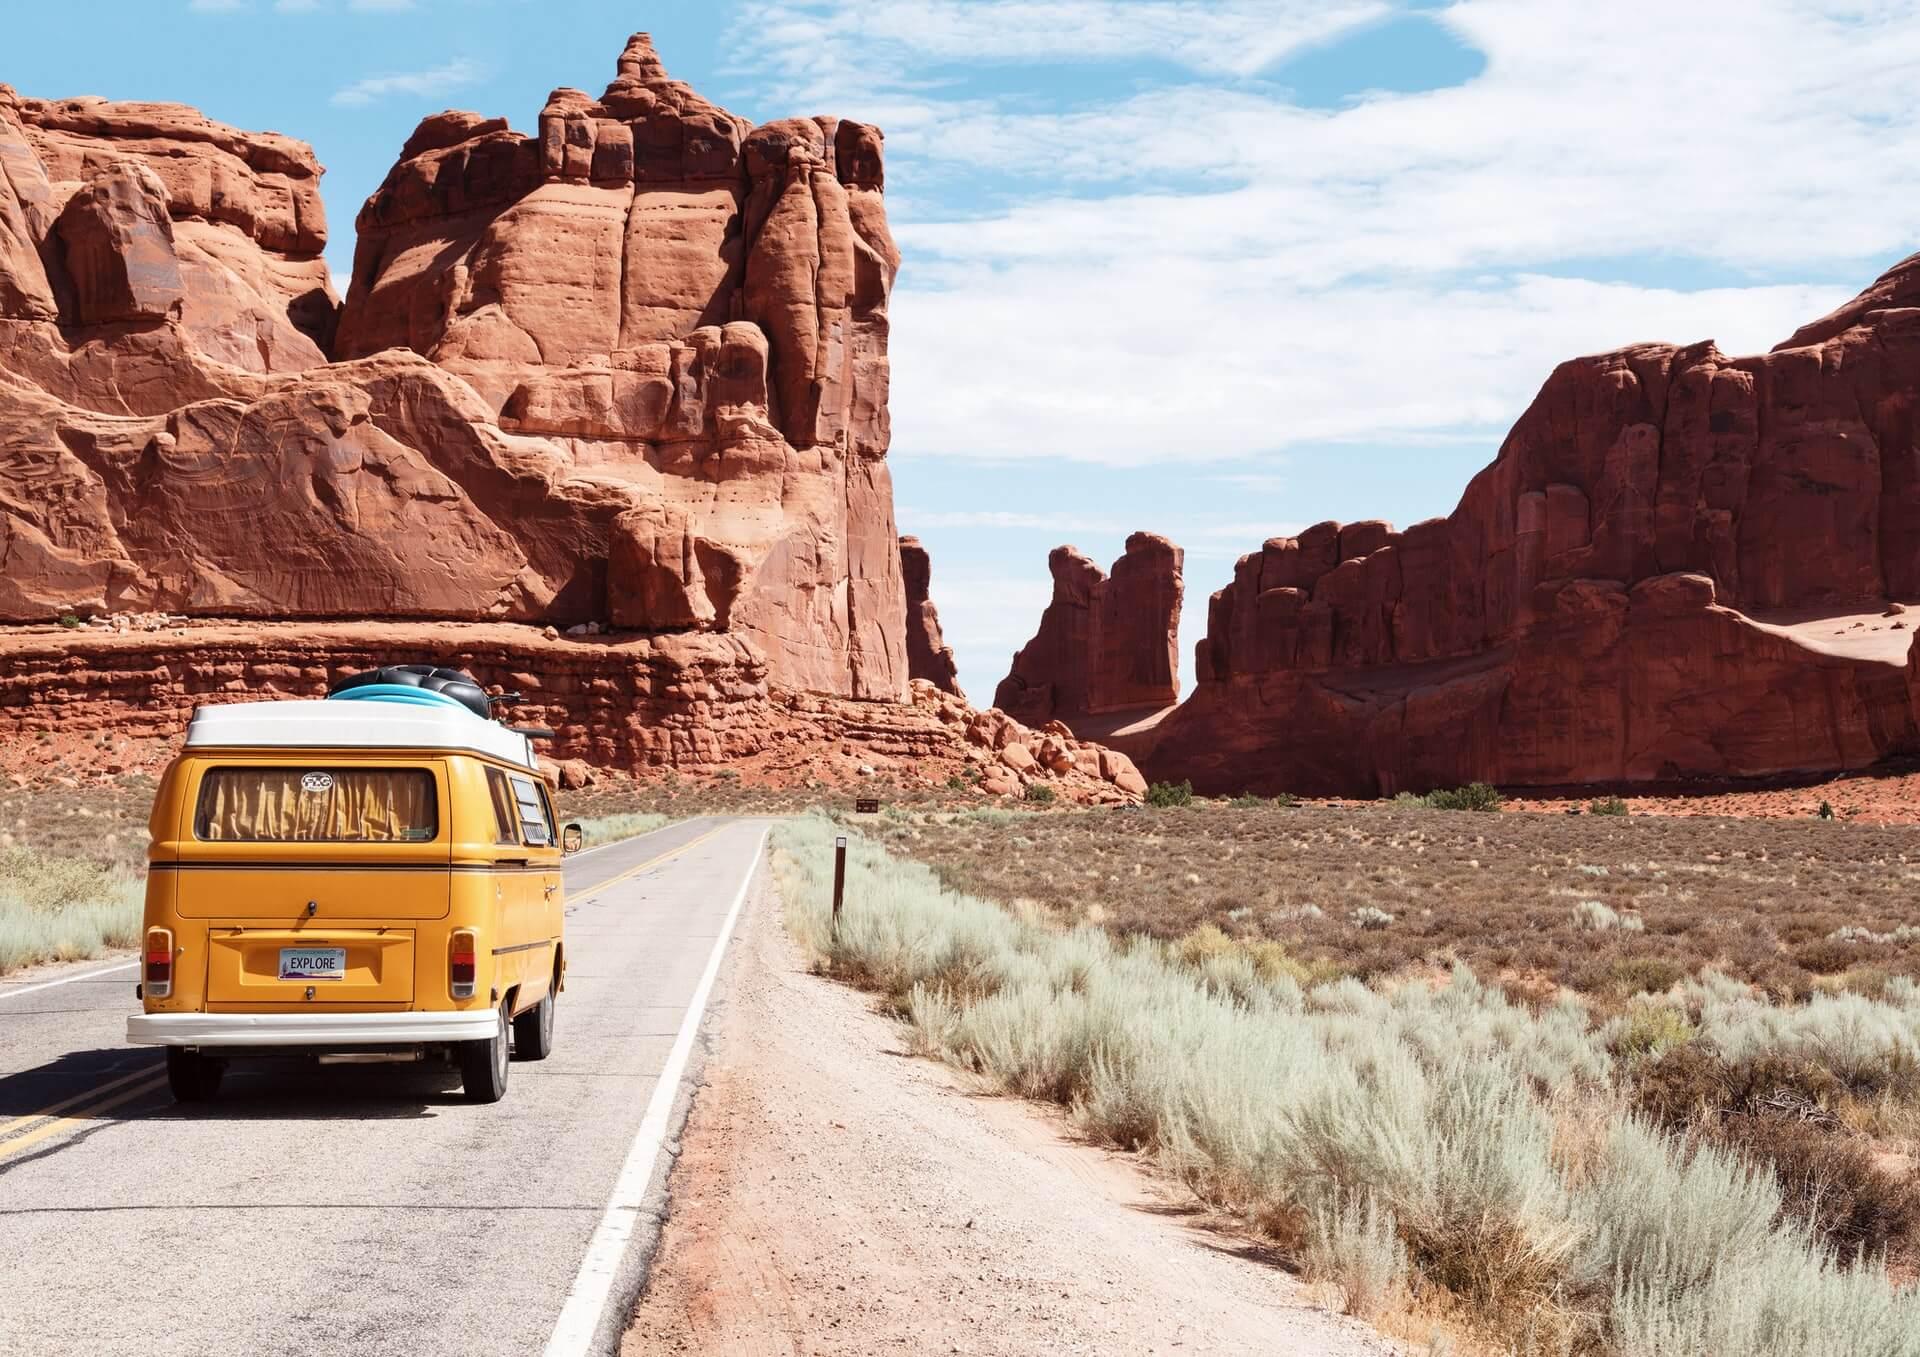 Road Trip Songs für deinen nächsten Urlaub mit dem Auto / Van / Camper (Road Trip Playlist)